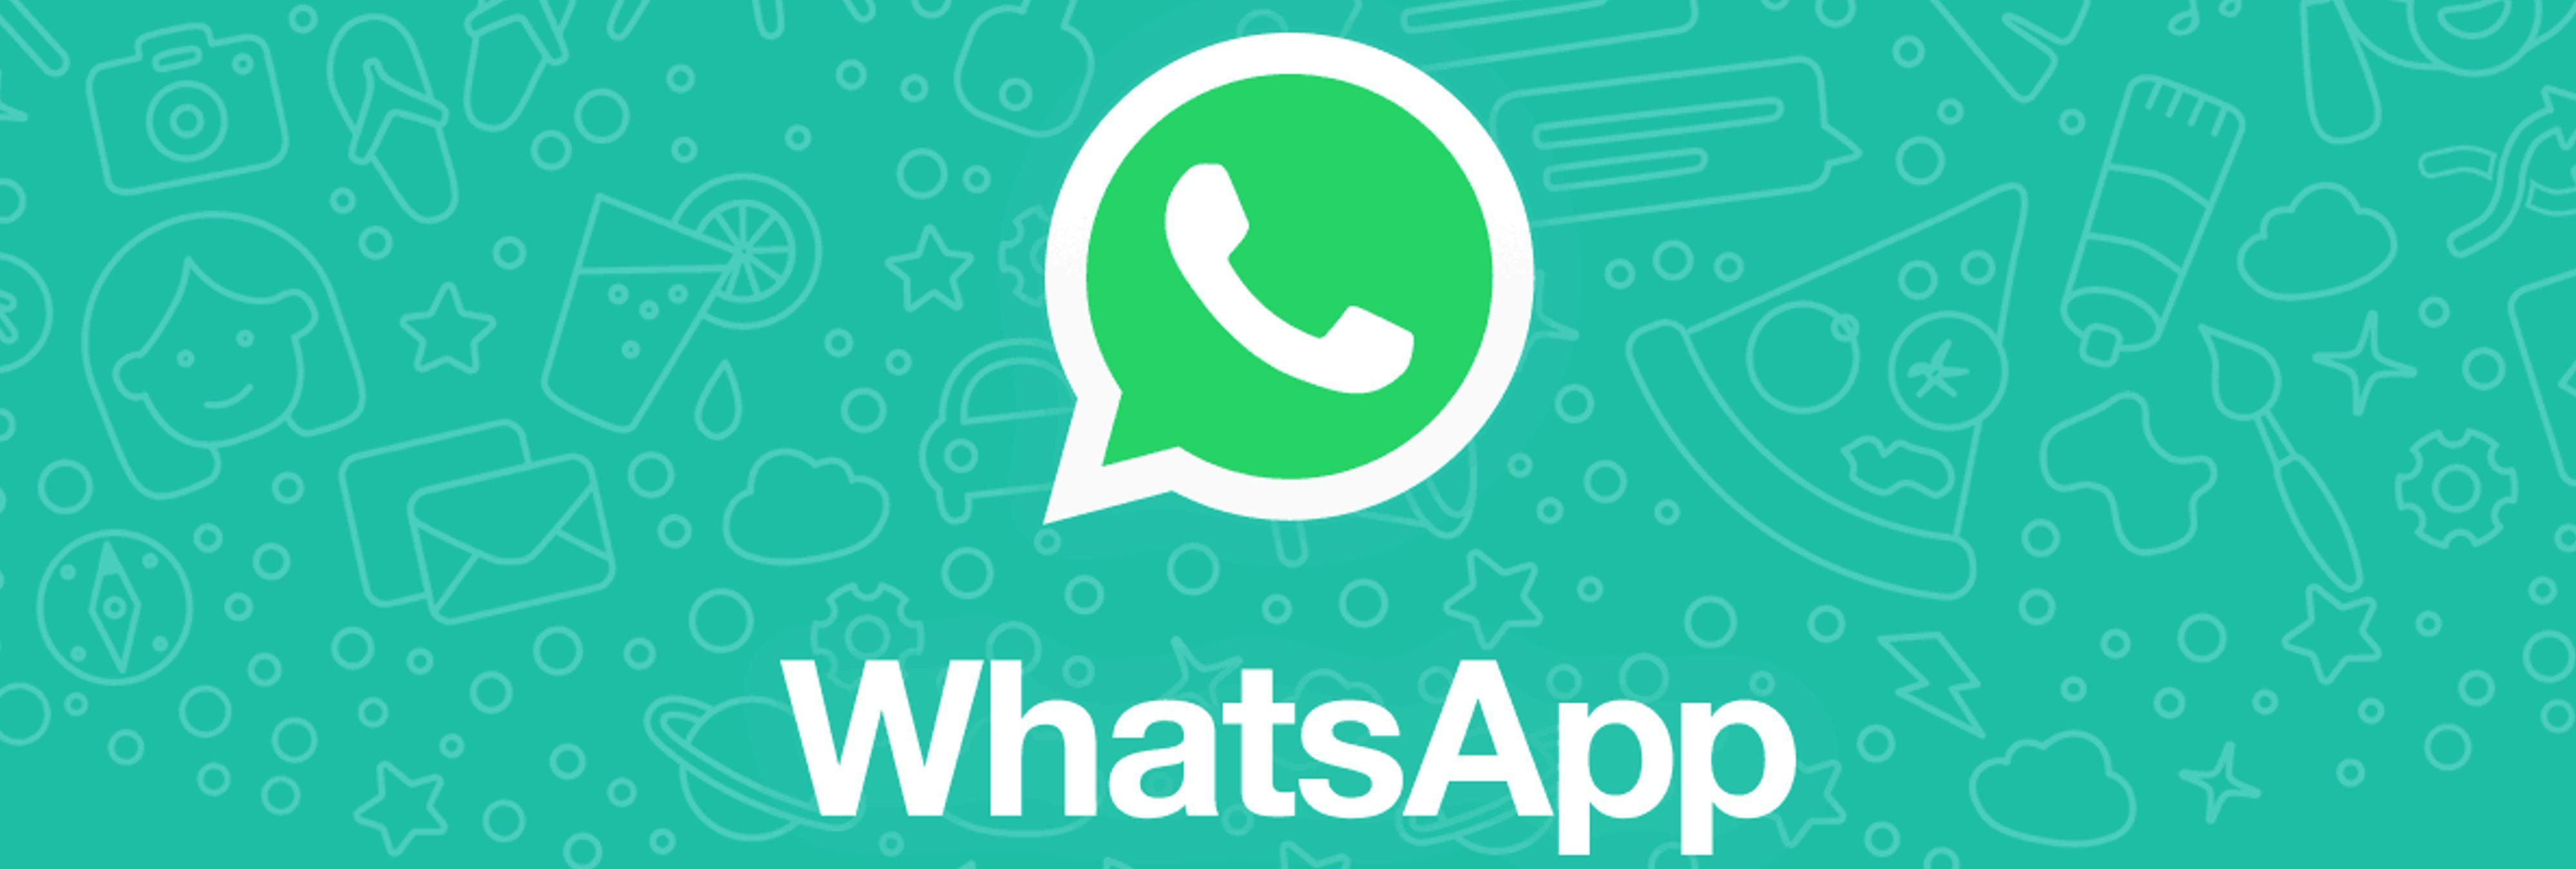 Estos son los móviles que dejarán de ofrecer todas las funciones de WhatsApp en 2018